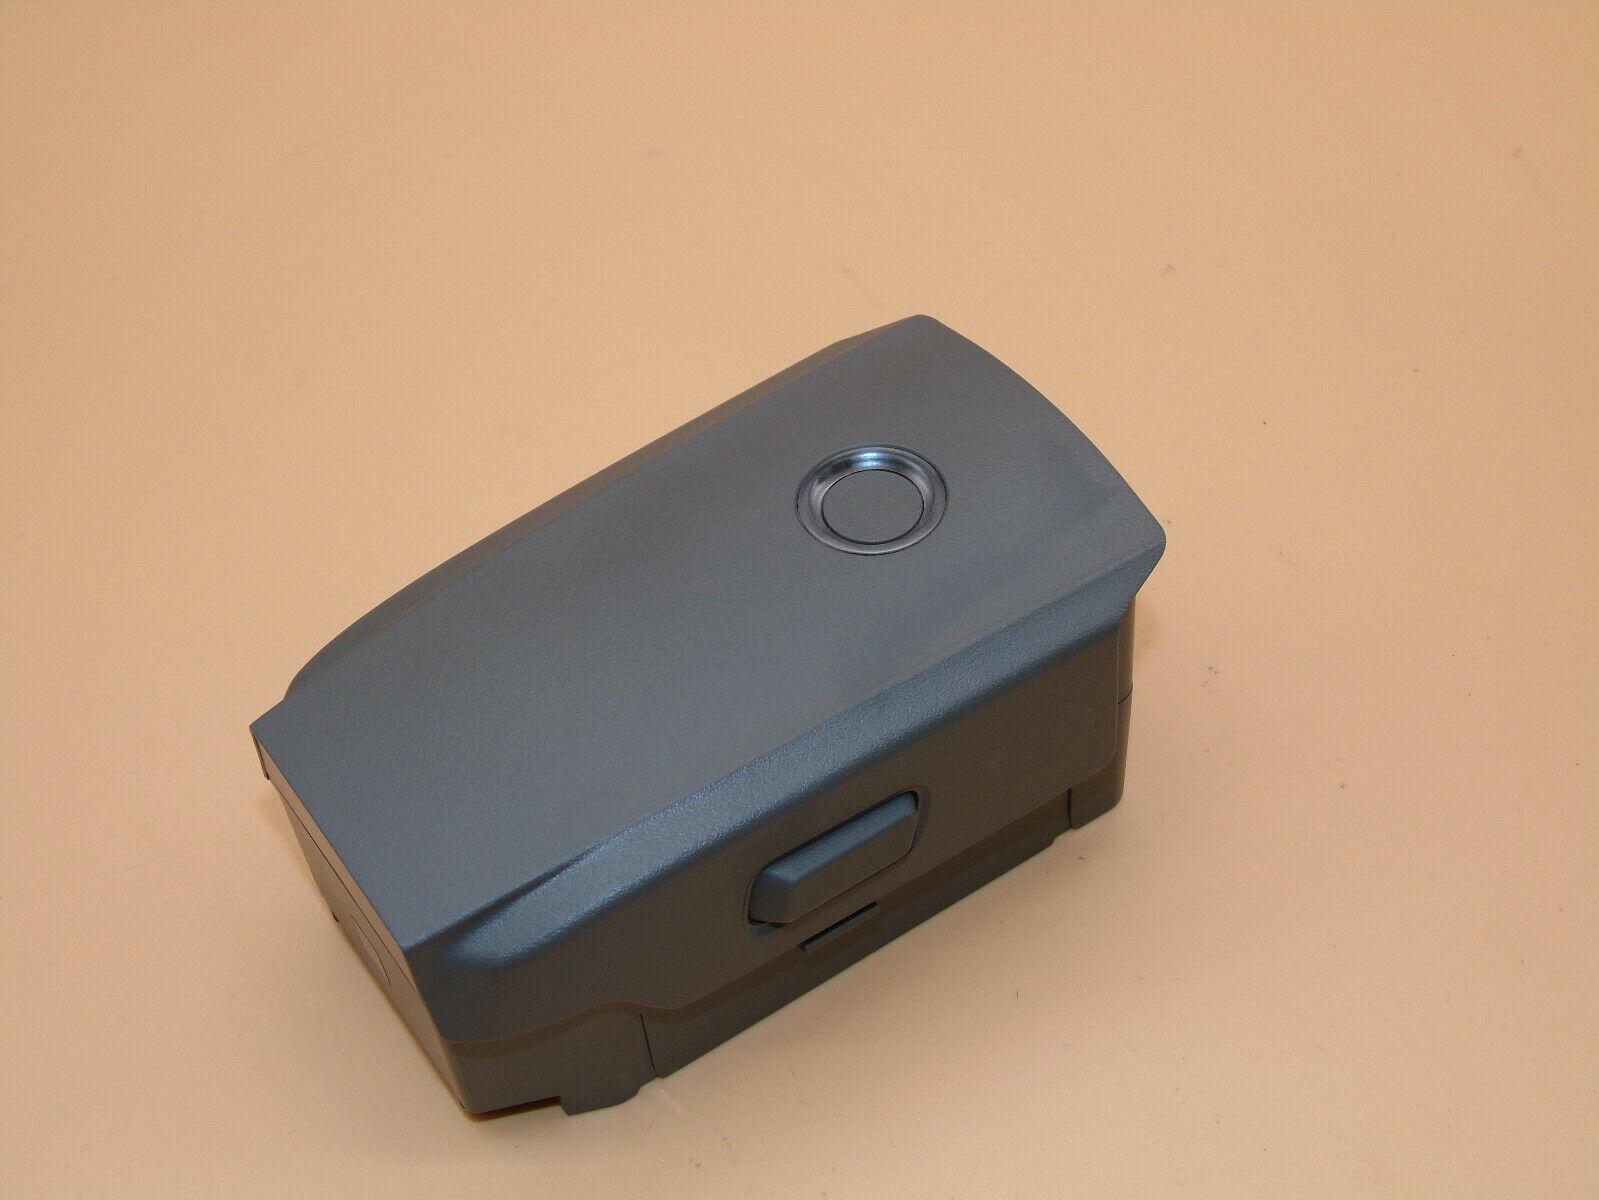 DJI Mavic 2 Pro - Battery FB2 3850 mAh 15,4 V LiPo Battery FAULTY